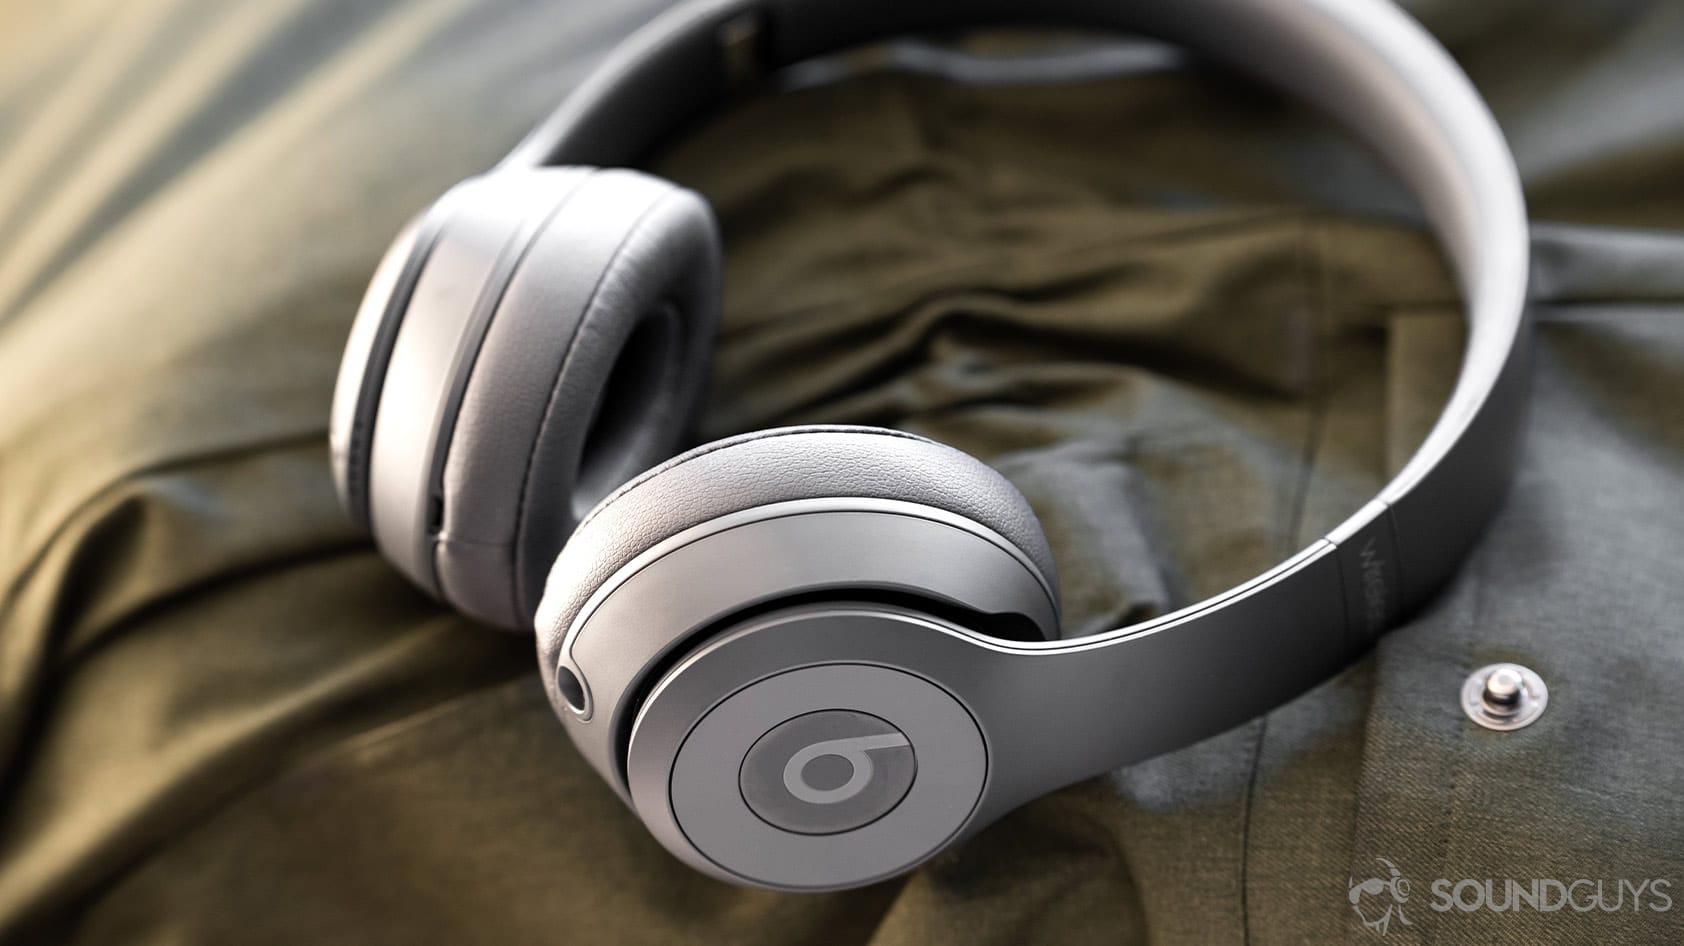 Beats Solo 3 : Un casque sans fil avec une énorme réduction !